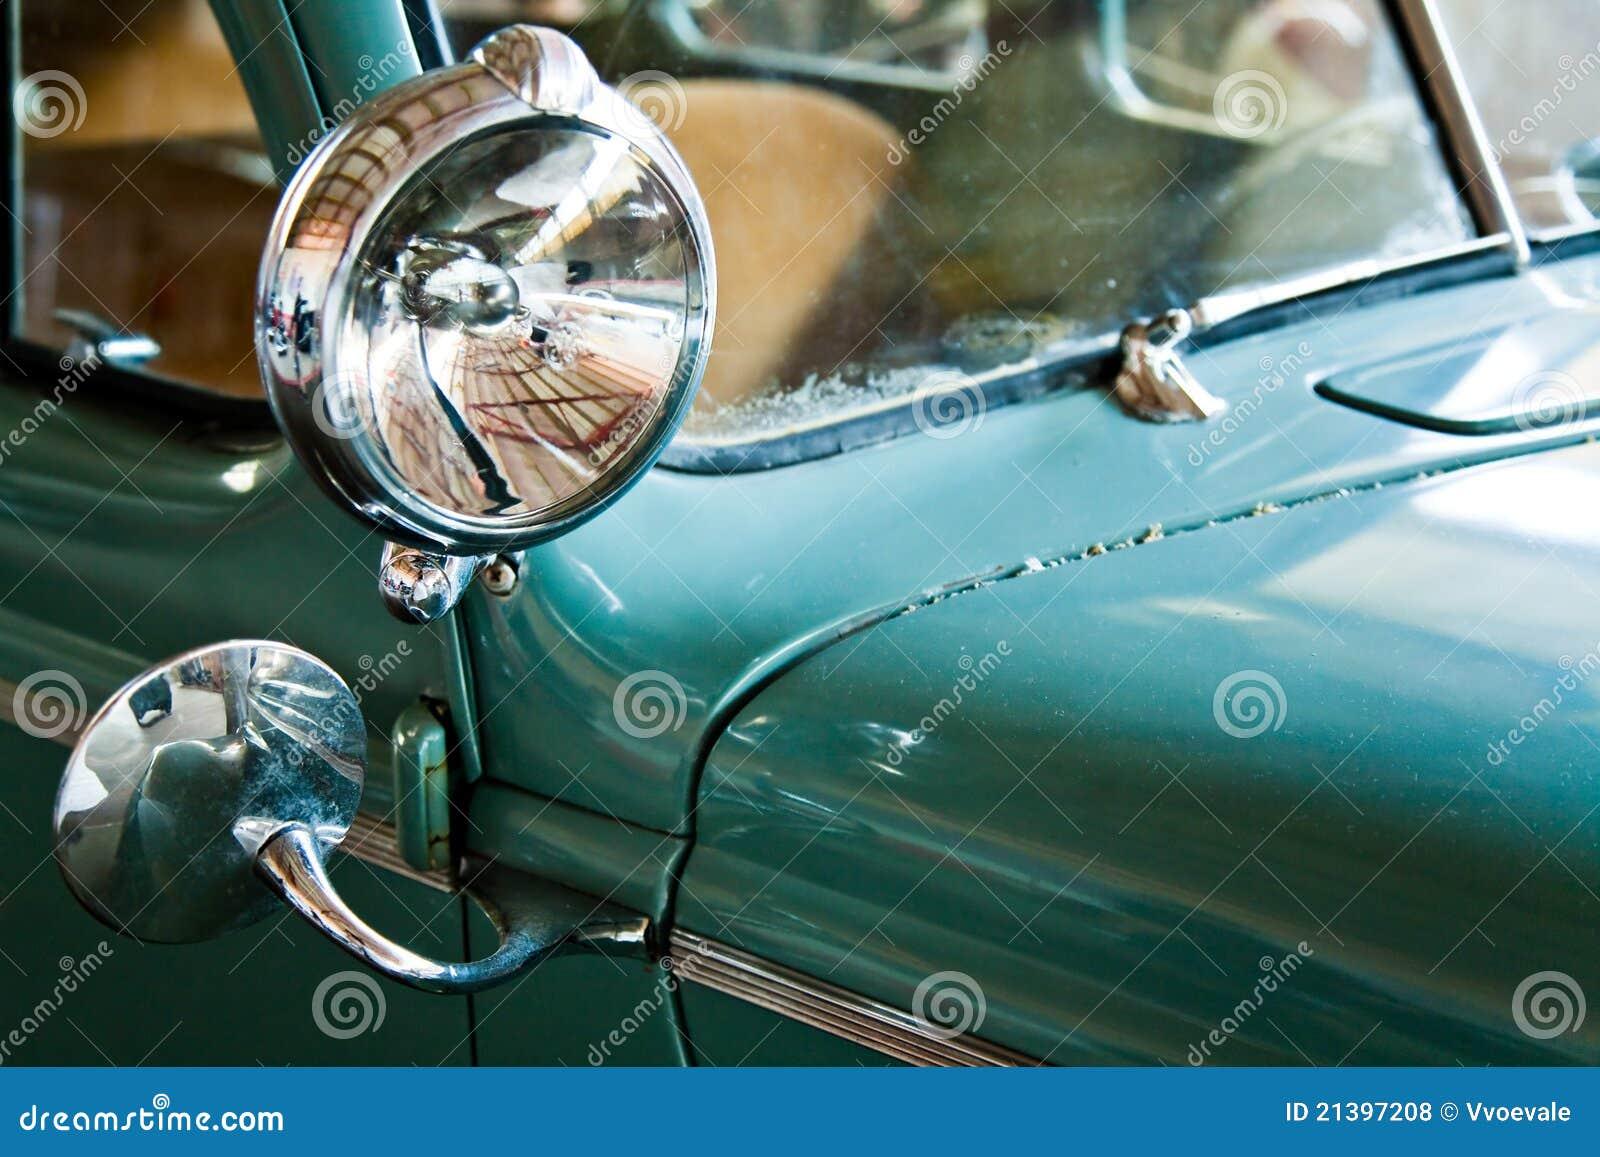 Groene retro auto